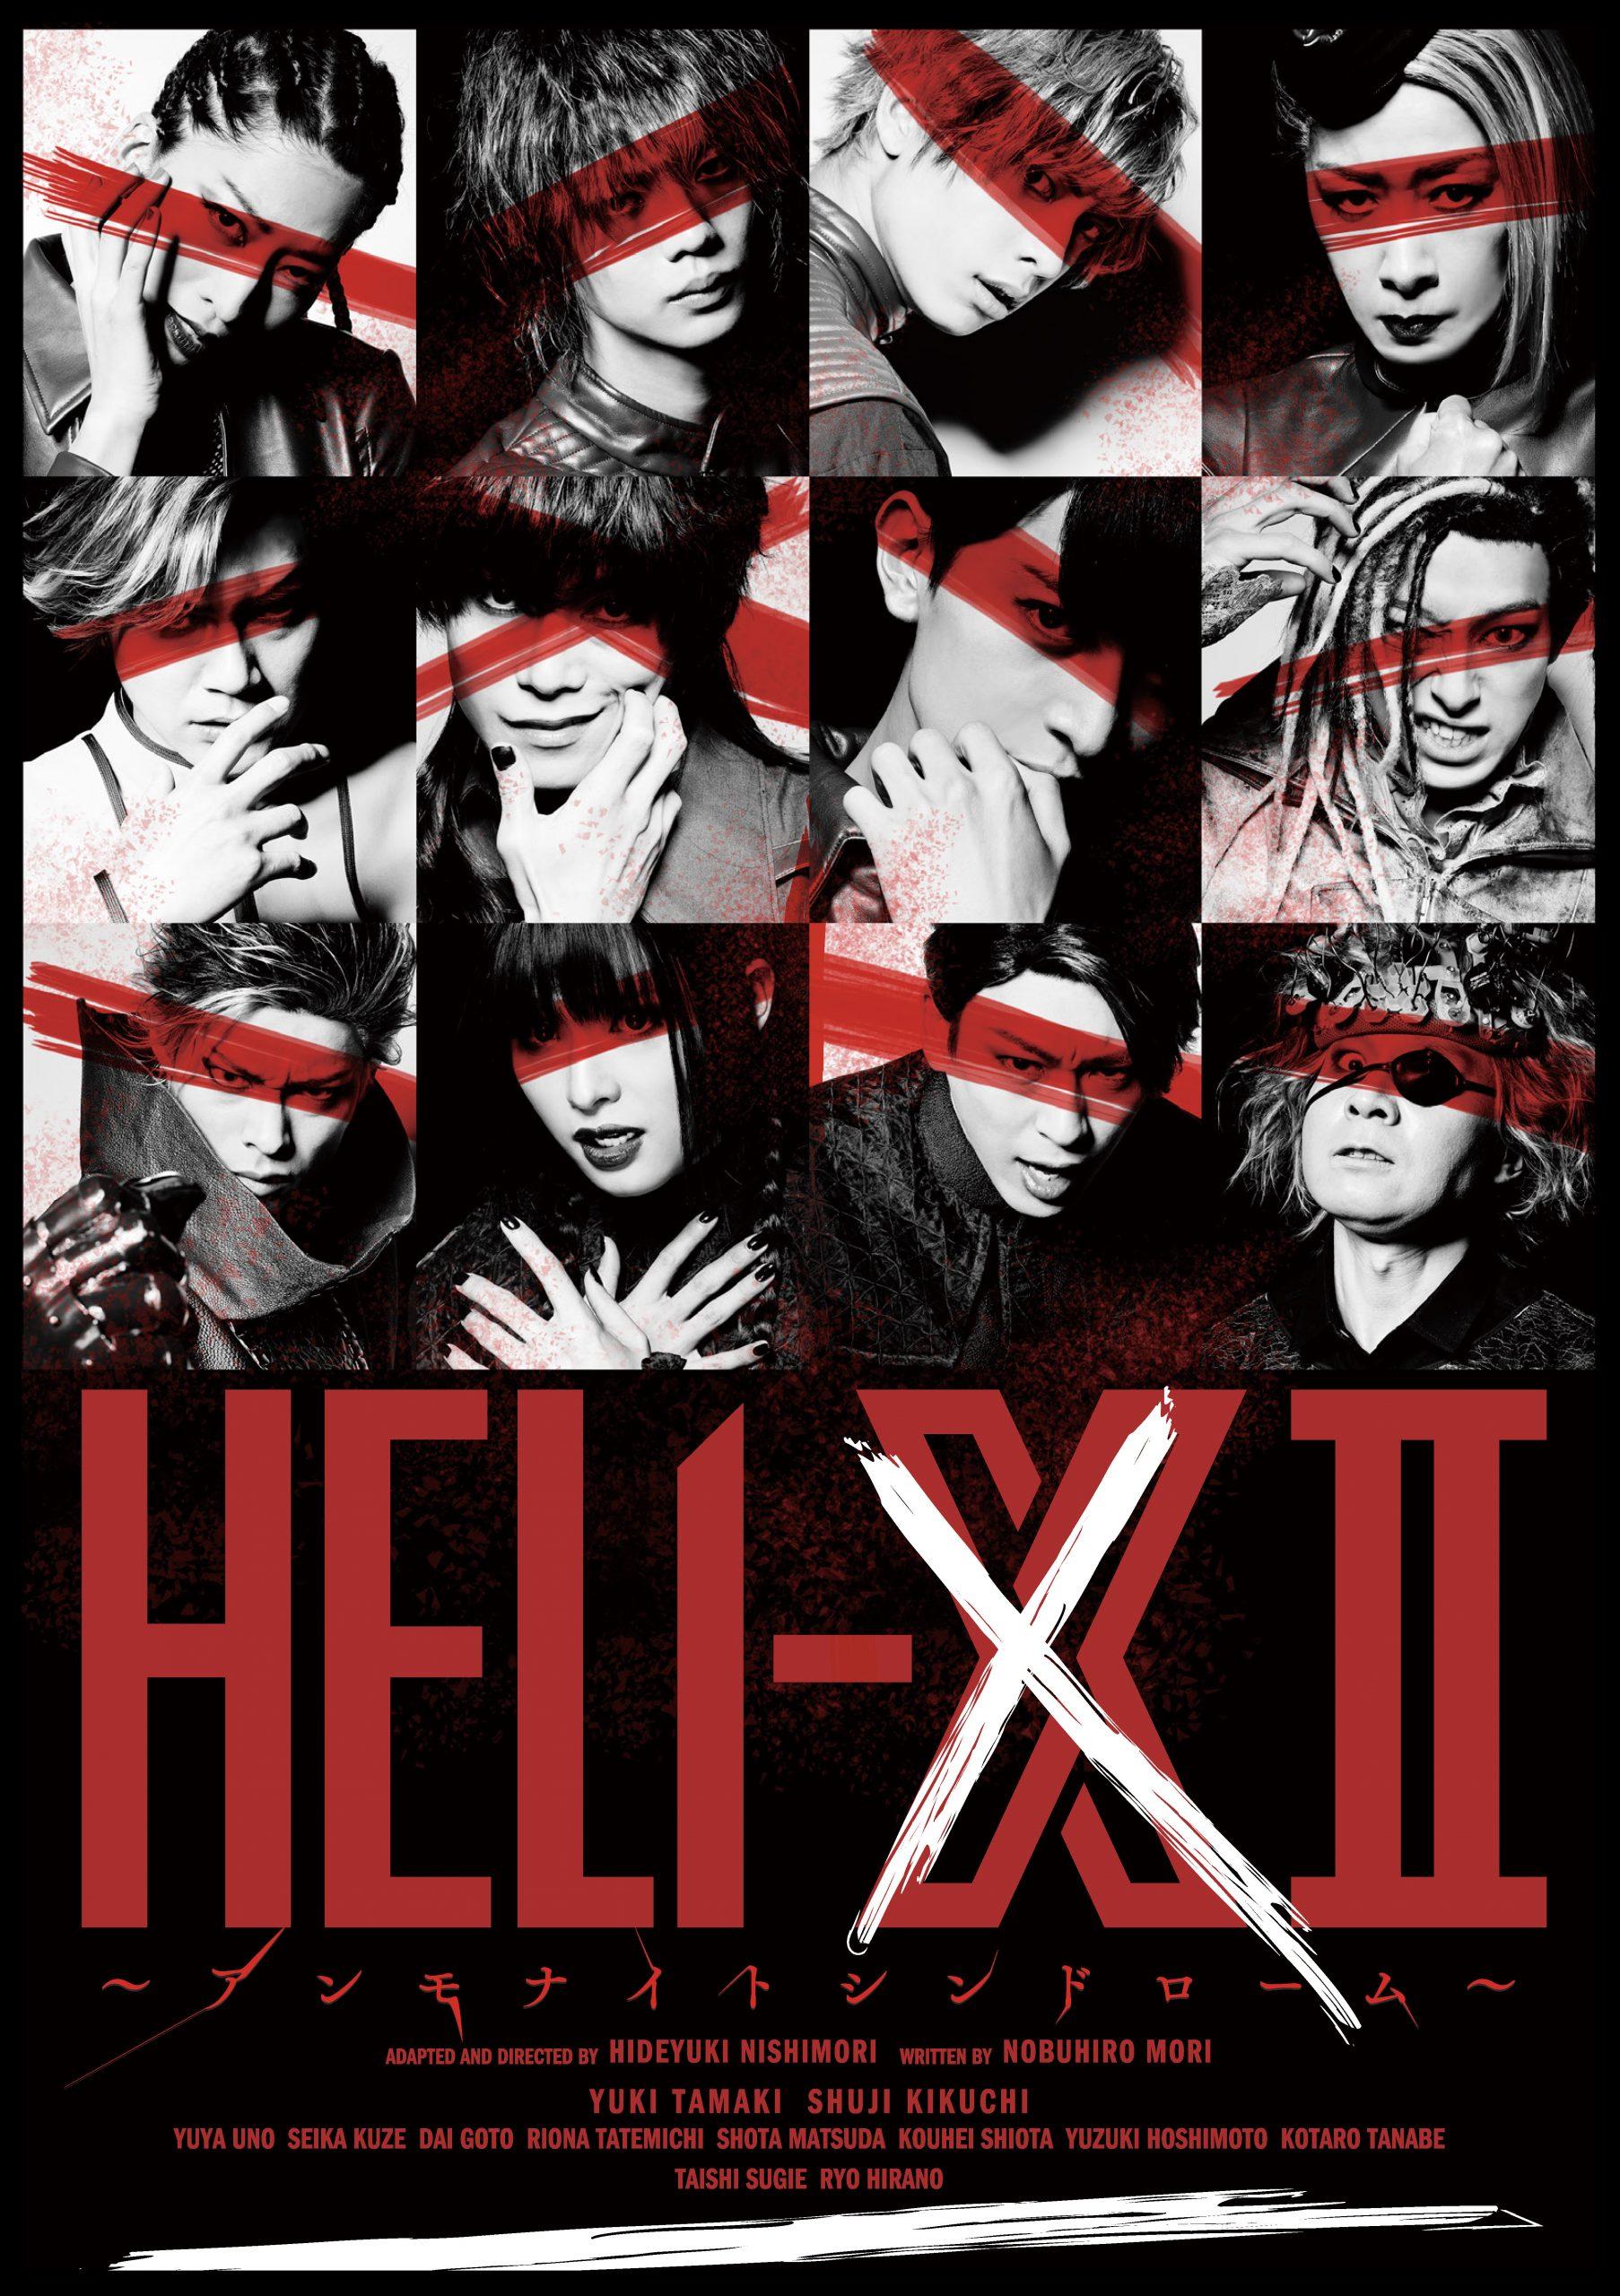 紀伊國屋書店:【紀伊國屋サザンシアター TAKASHIMAYA 】舞台『HELI-X Ⅱ 〜アンモナイトシンドローム〜 』